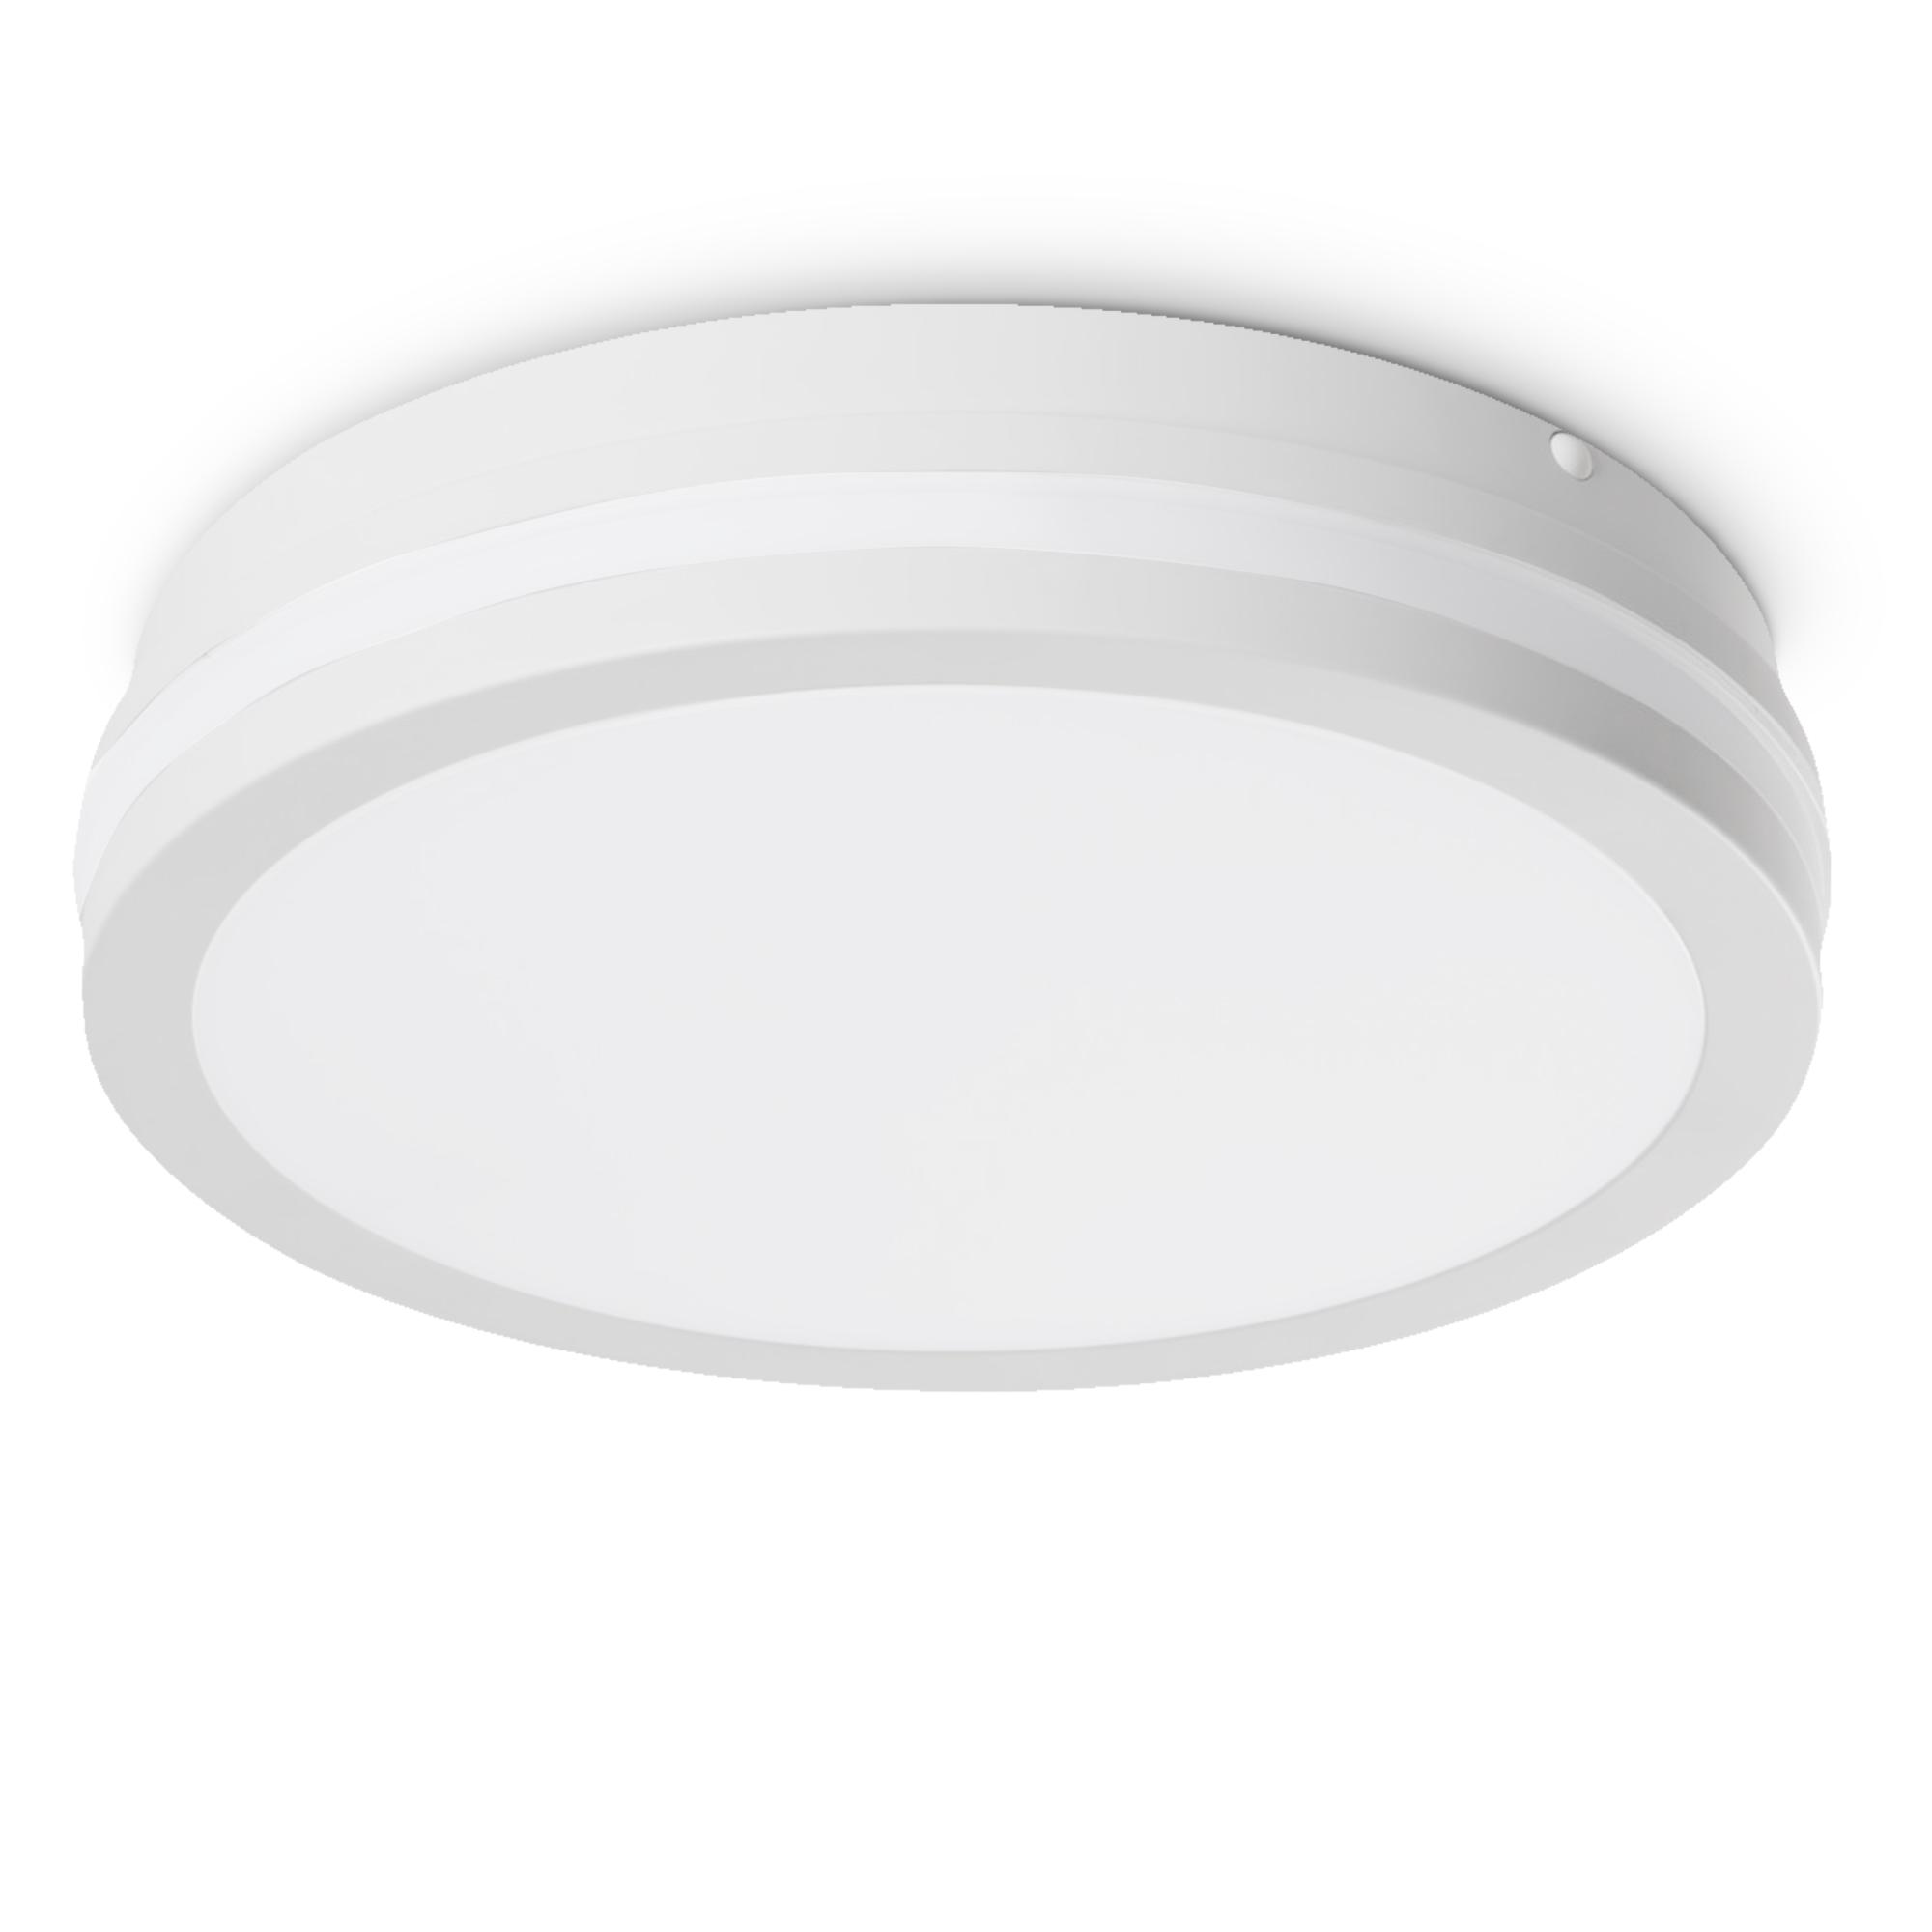 LED Deckenleuchte Badlampe IP20 Aufbau Panel mit 20W neutralweiß 20V in  weiß & rund